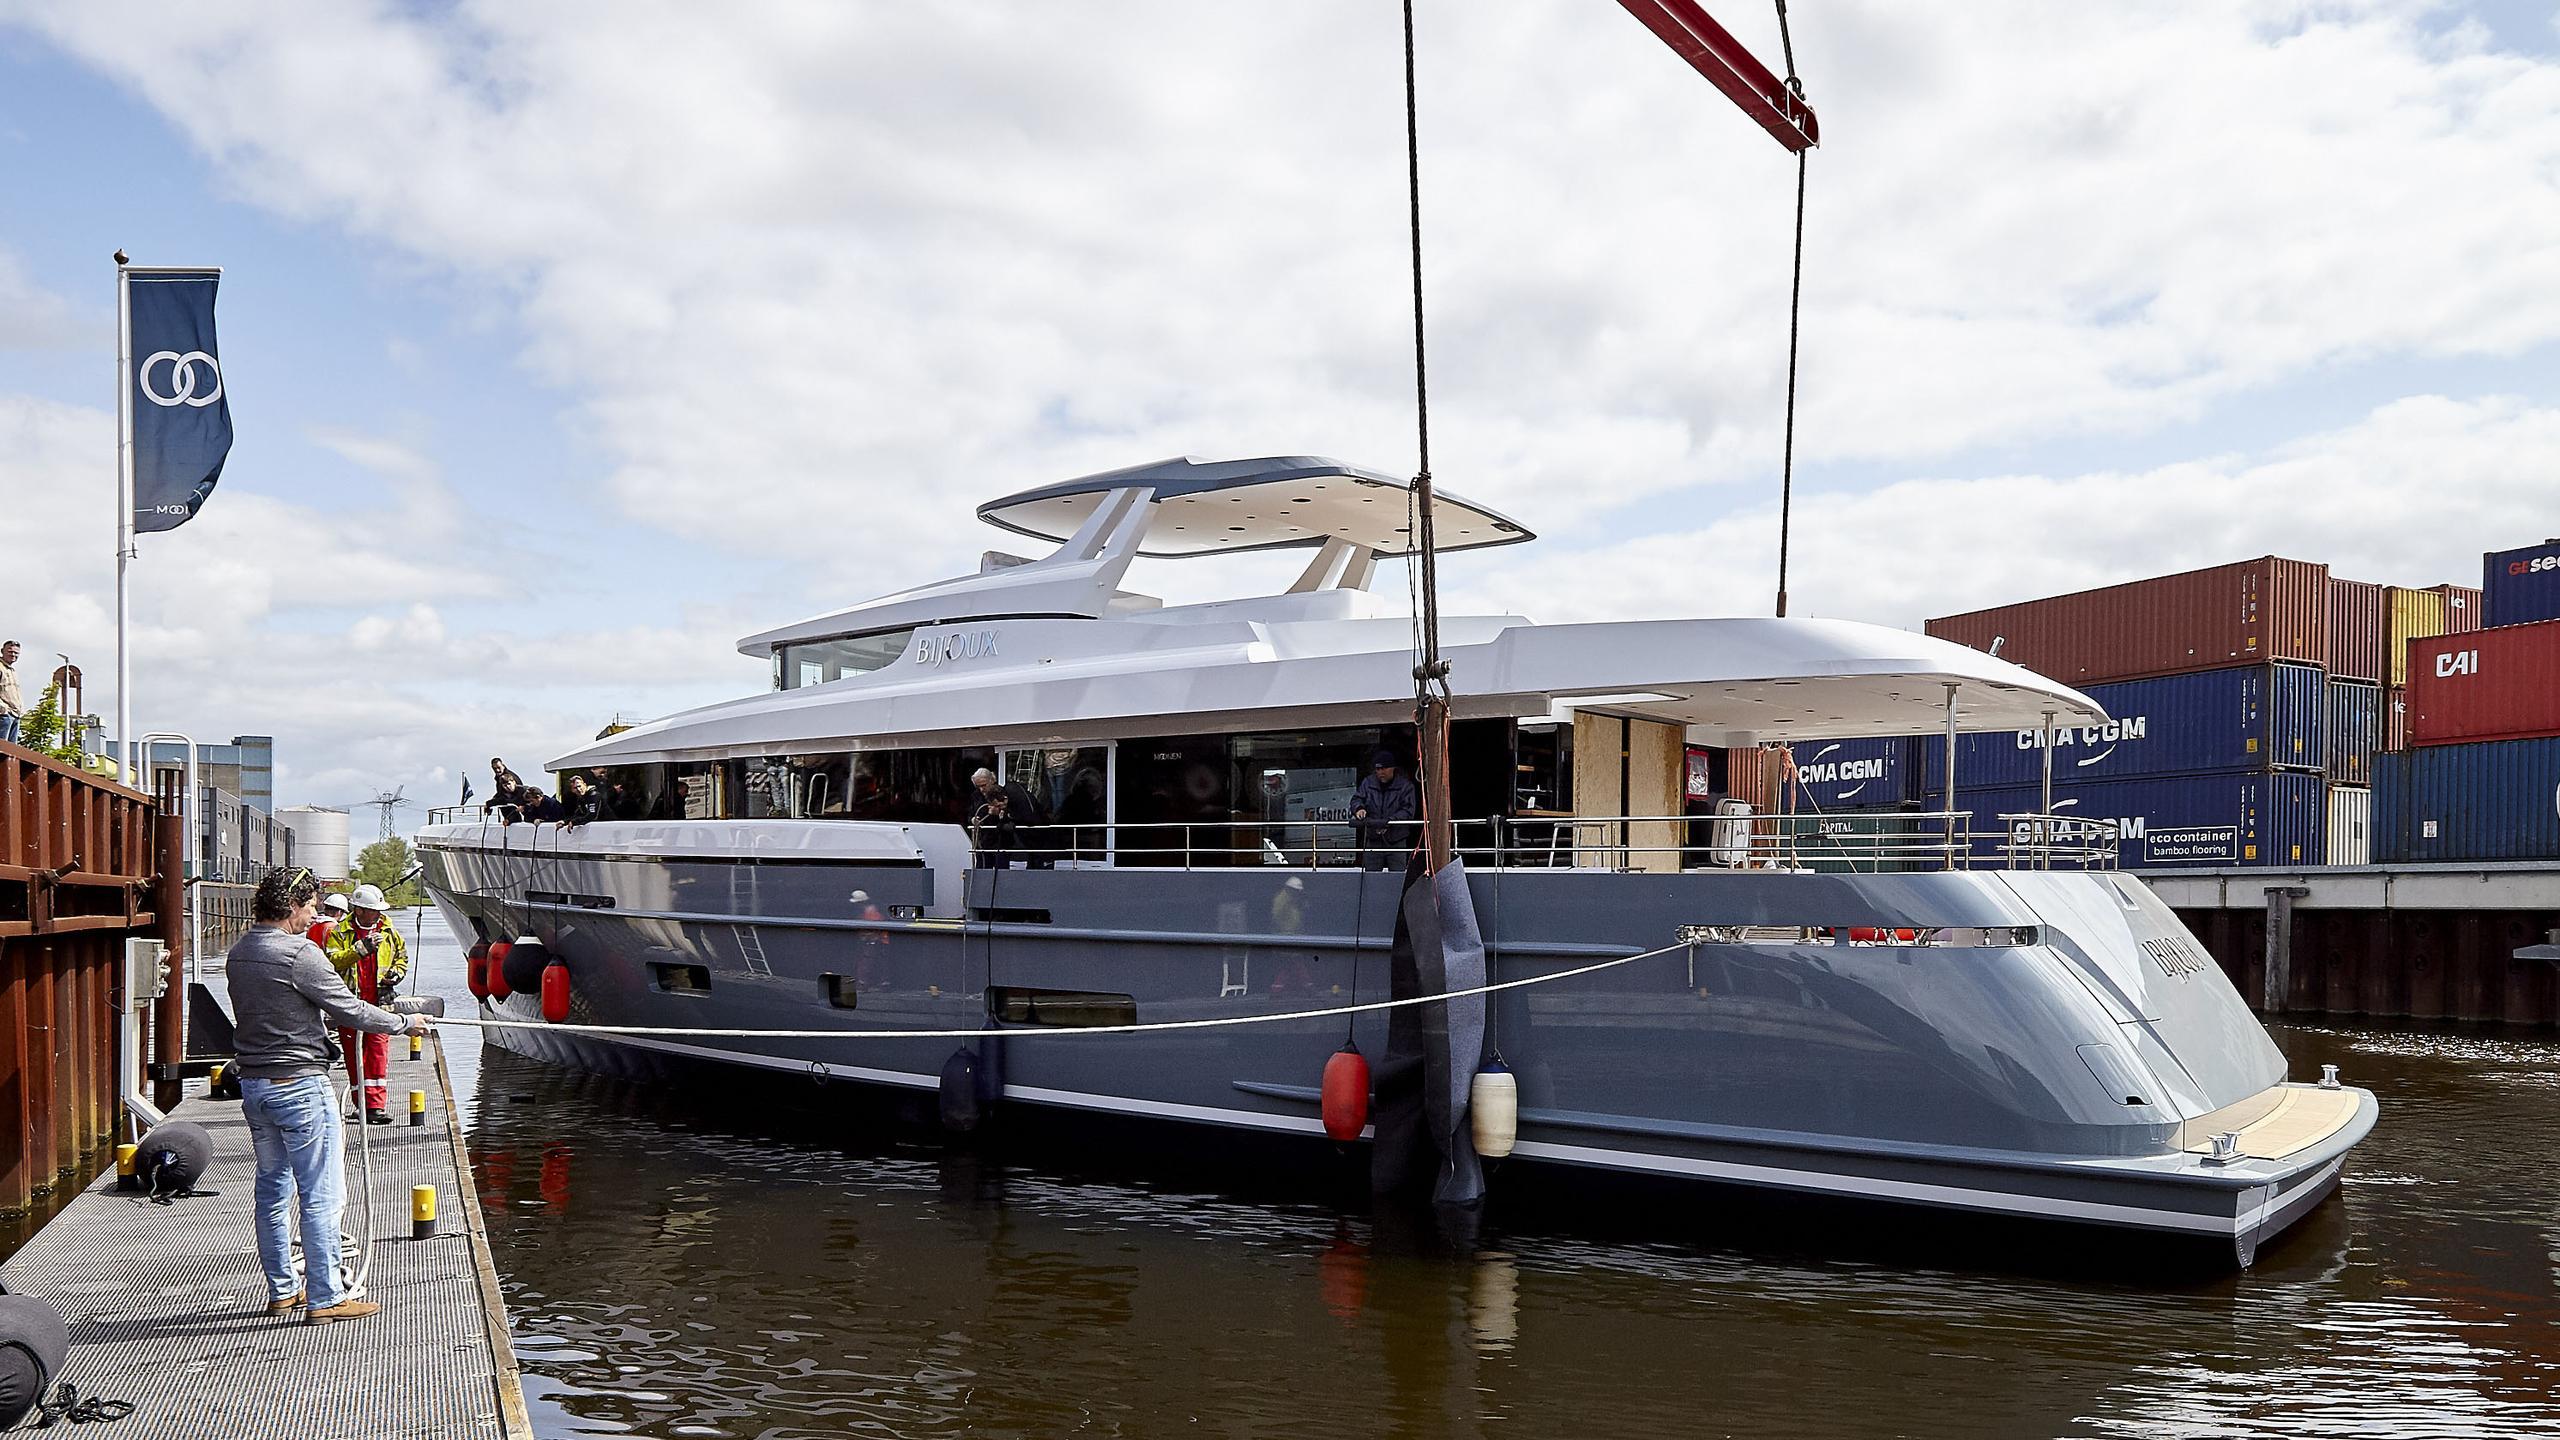 bijoux-motor-yacht-moonen-matica-2016-30m-half-profile-launch-ceremony